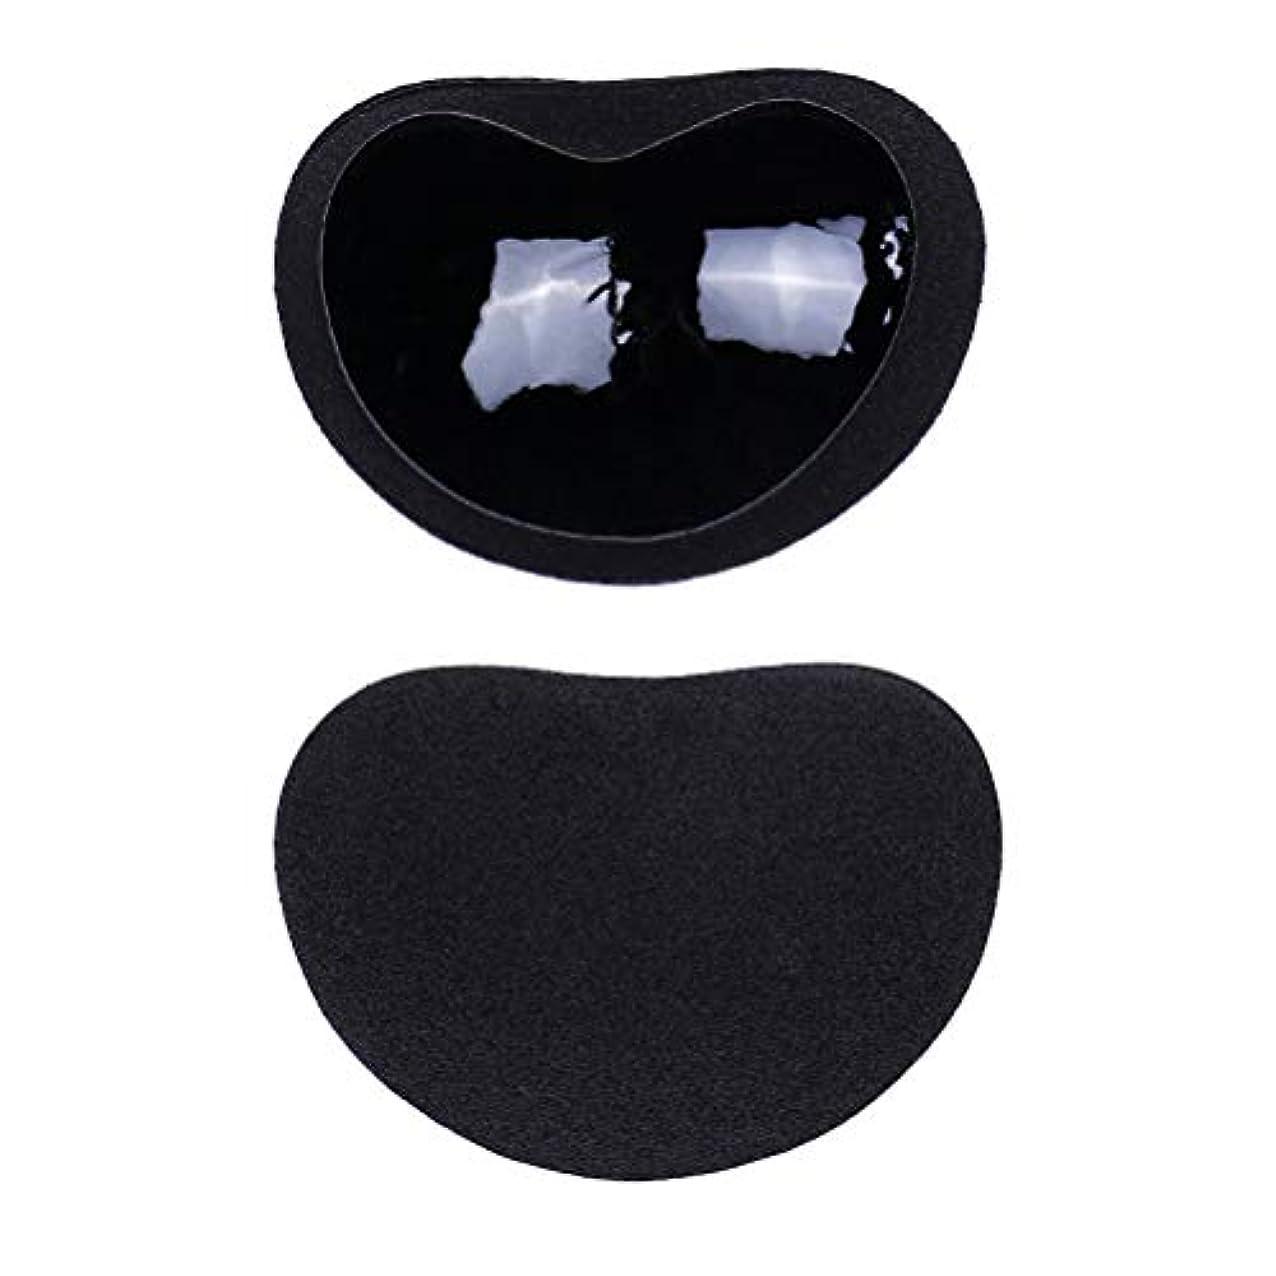 ロビーフリルボイコットHealifty ニップルカバー1ペアストラップレス粘着性のある粘着性のあるブラのシリコーンのニップルは見えないブラニップルのコンシーラーのパティをカバーします(黒)